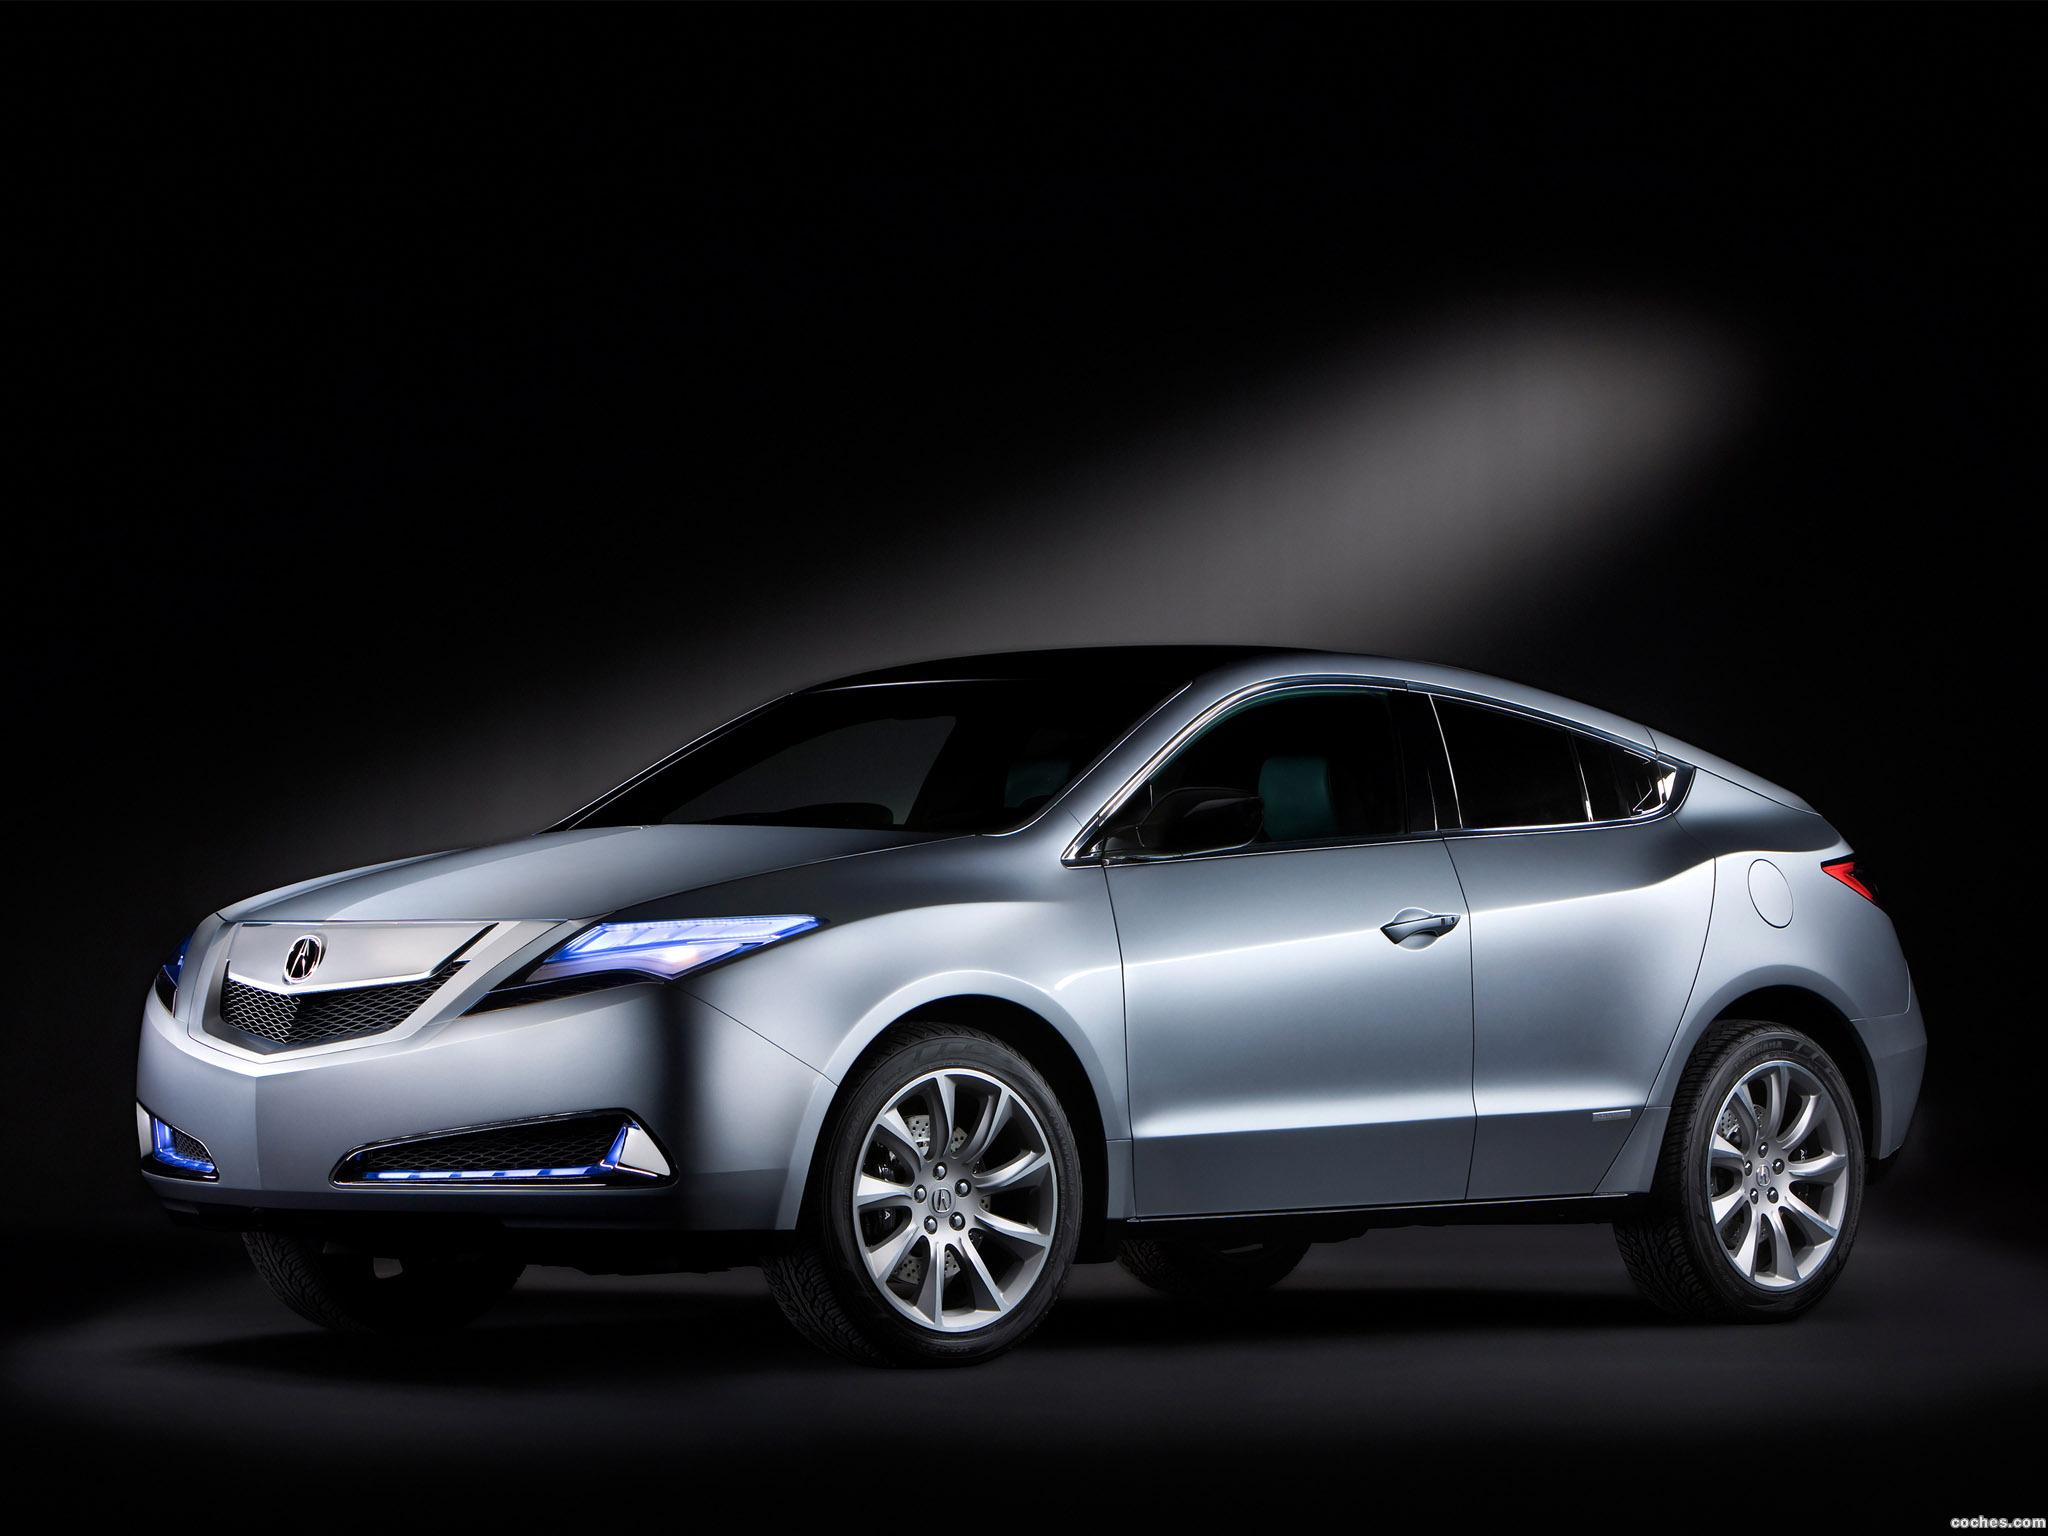 Foto 0 de Acura ZDX Concept 2009